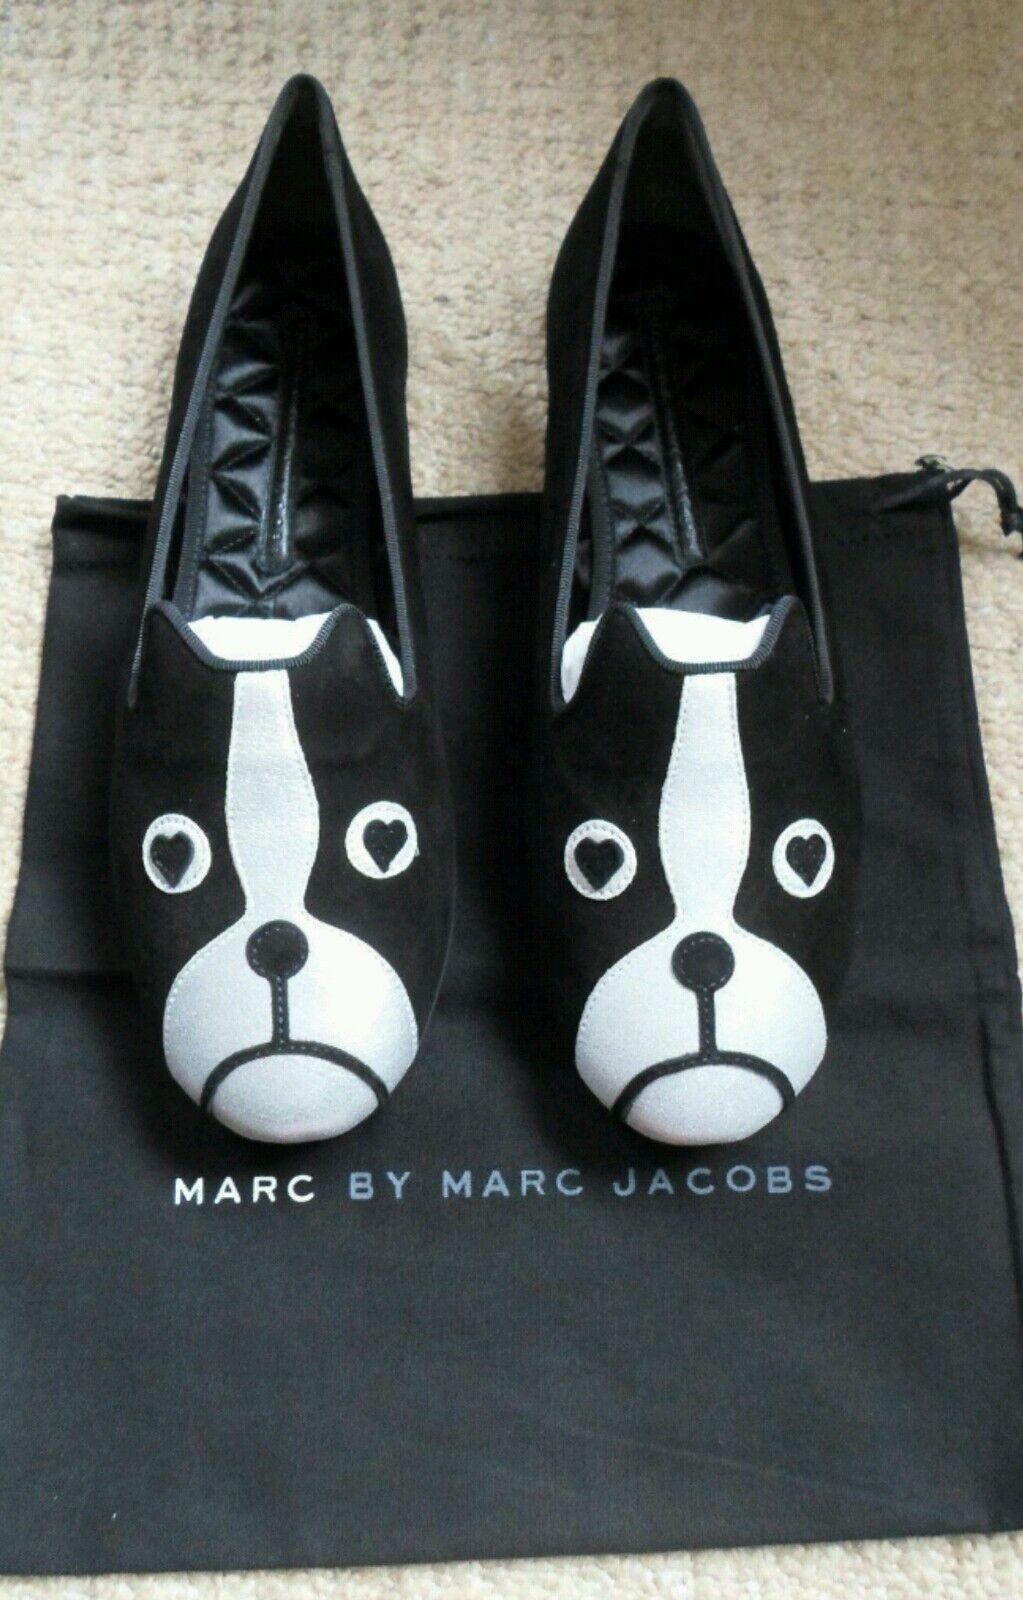 Nuevo Y En Caja Marc By Marc Marc Marc Jacobs, amigos míos, Boston Terrier, Perro, Talla 6 (39) 225.00 EUR  clásico atemporal